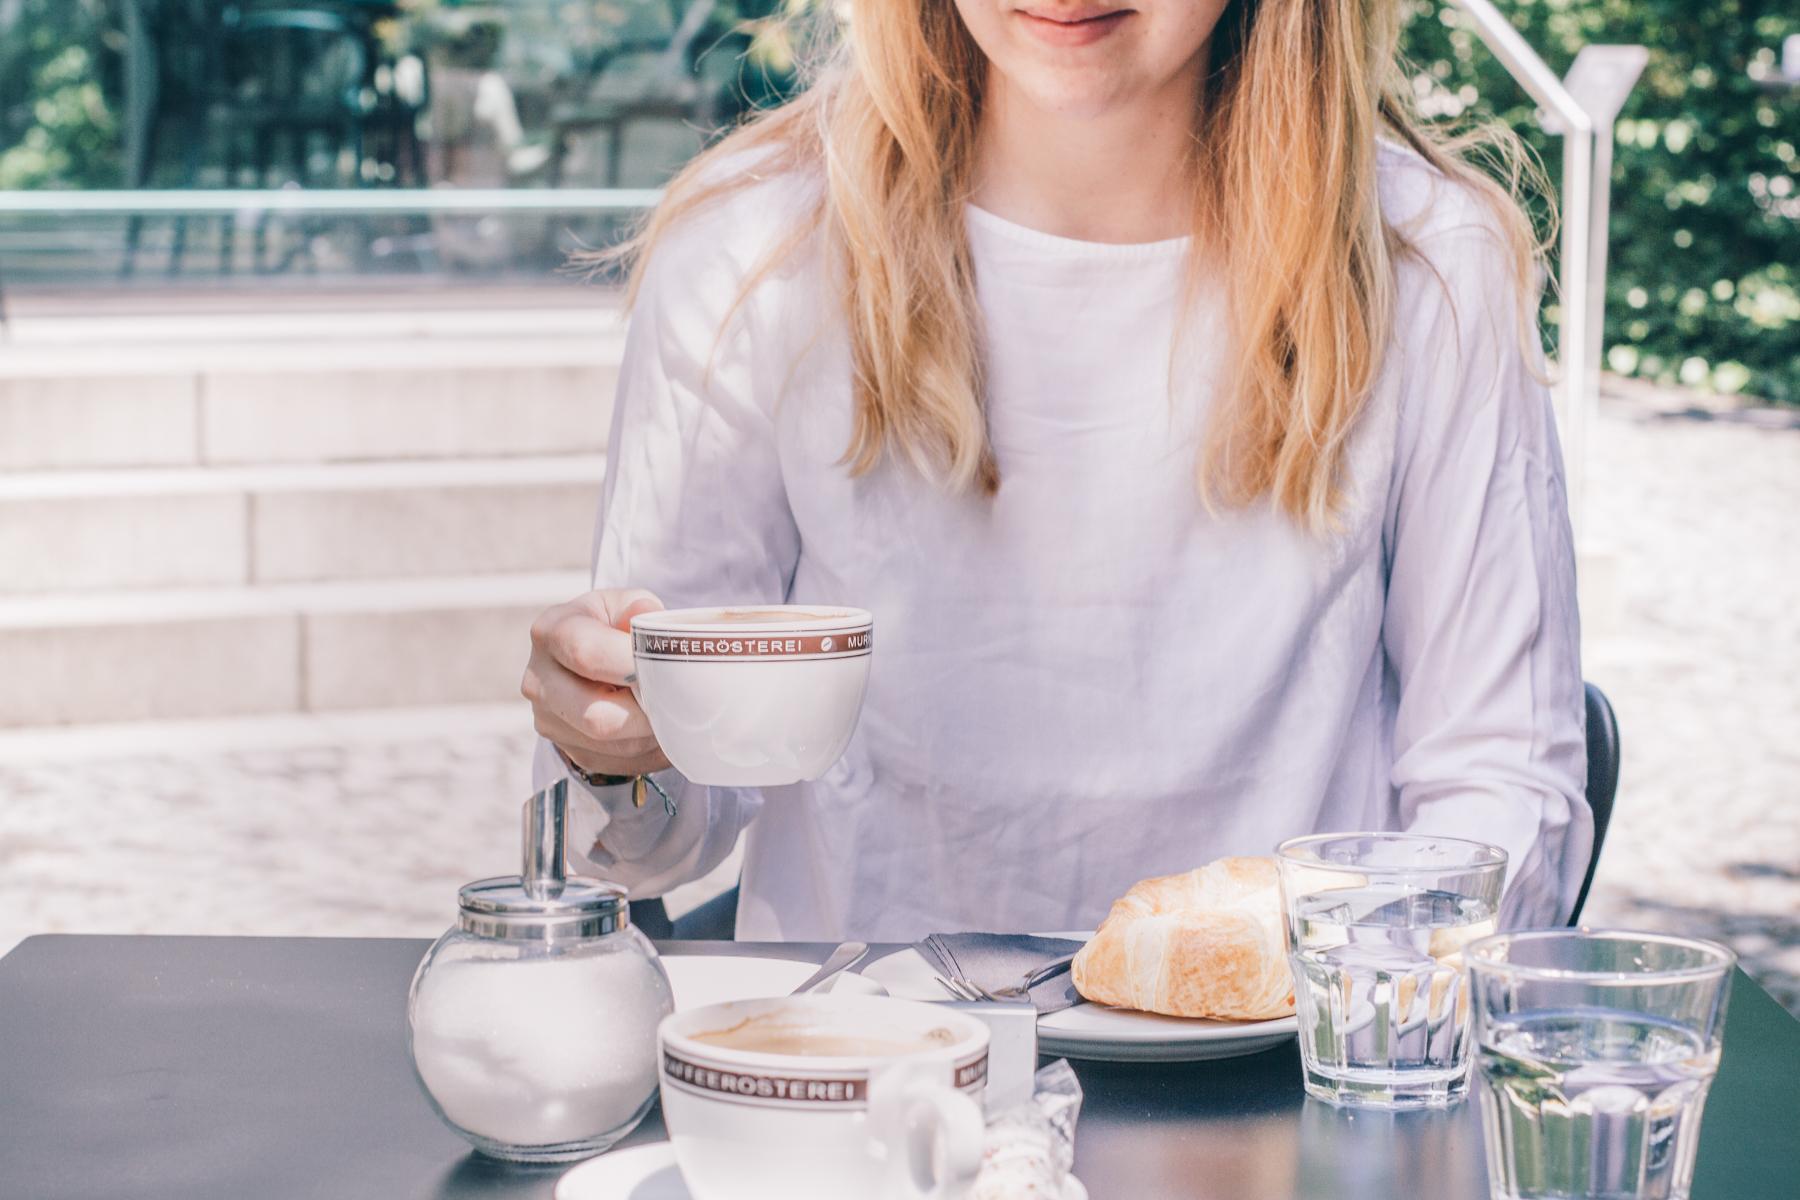 Das perfekte Frühstück: Kaffee und Croissant.  – ©wunderland media GmbH